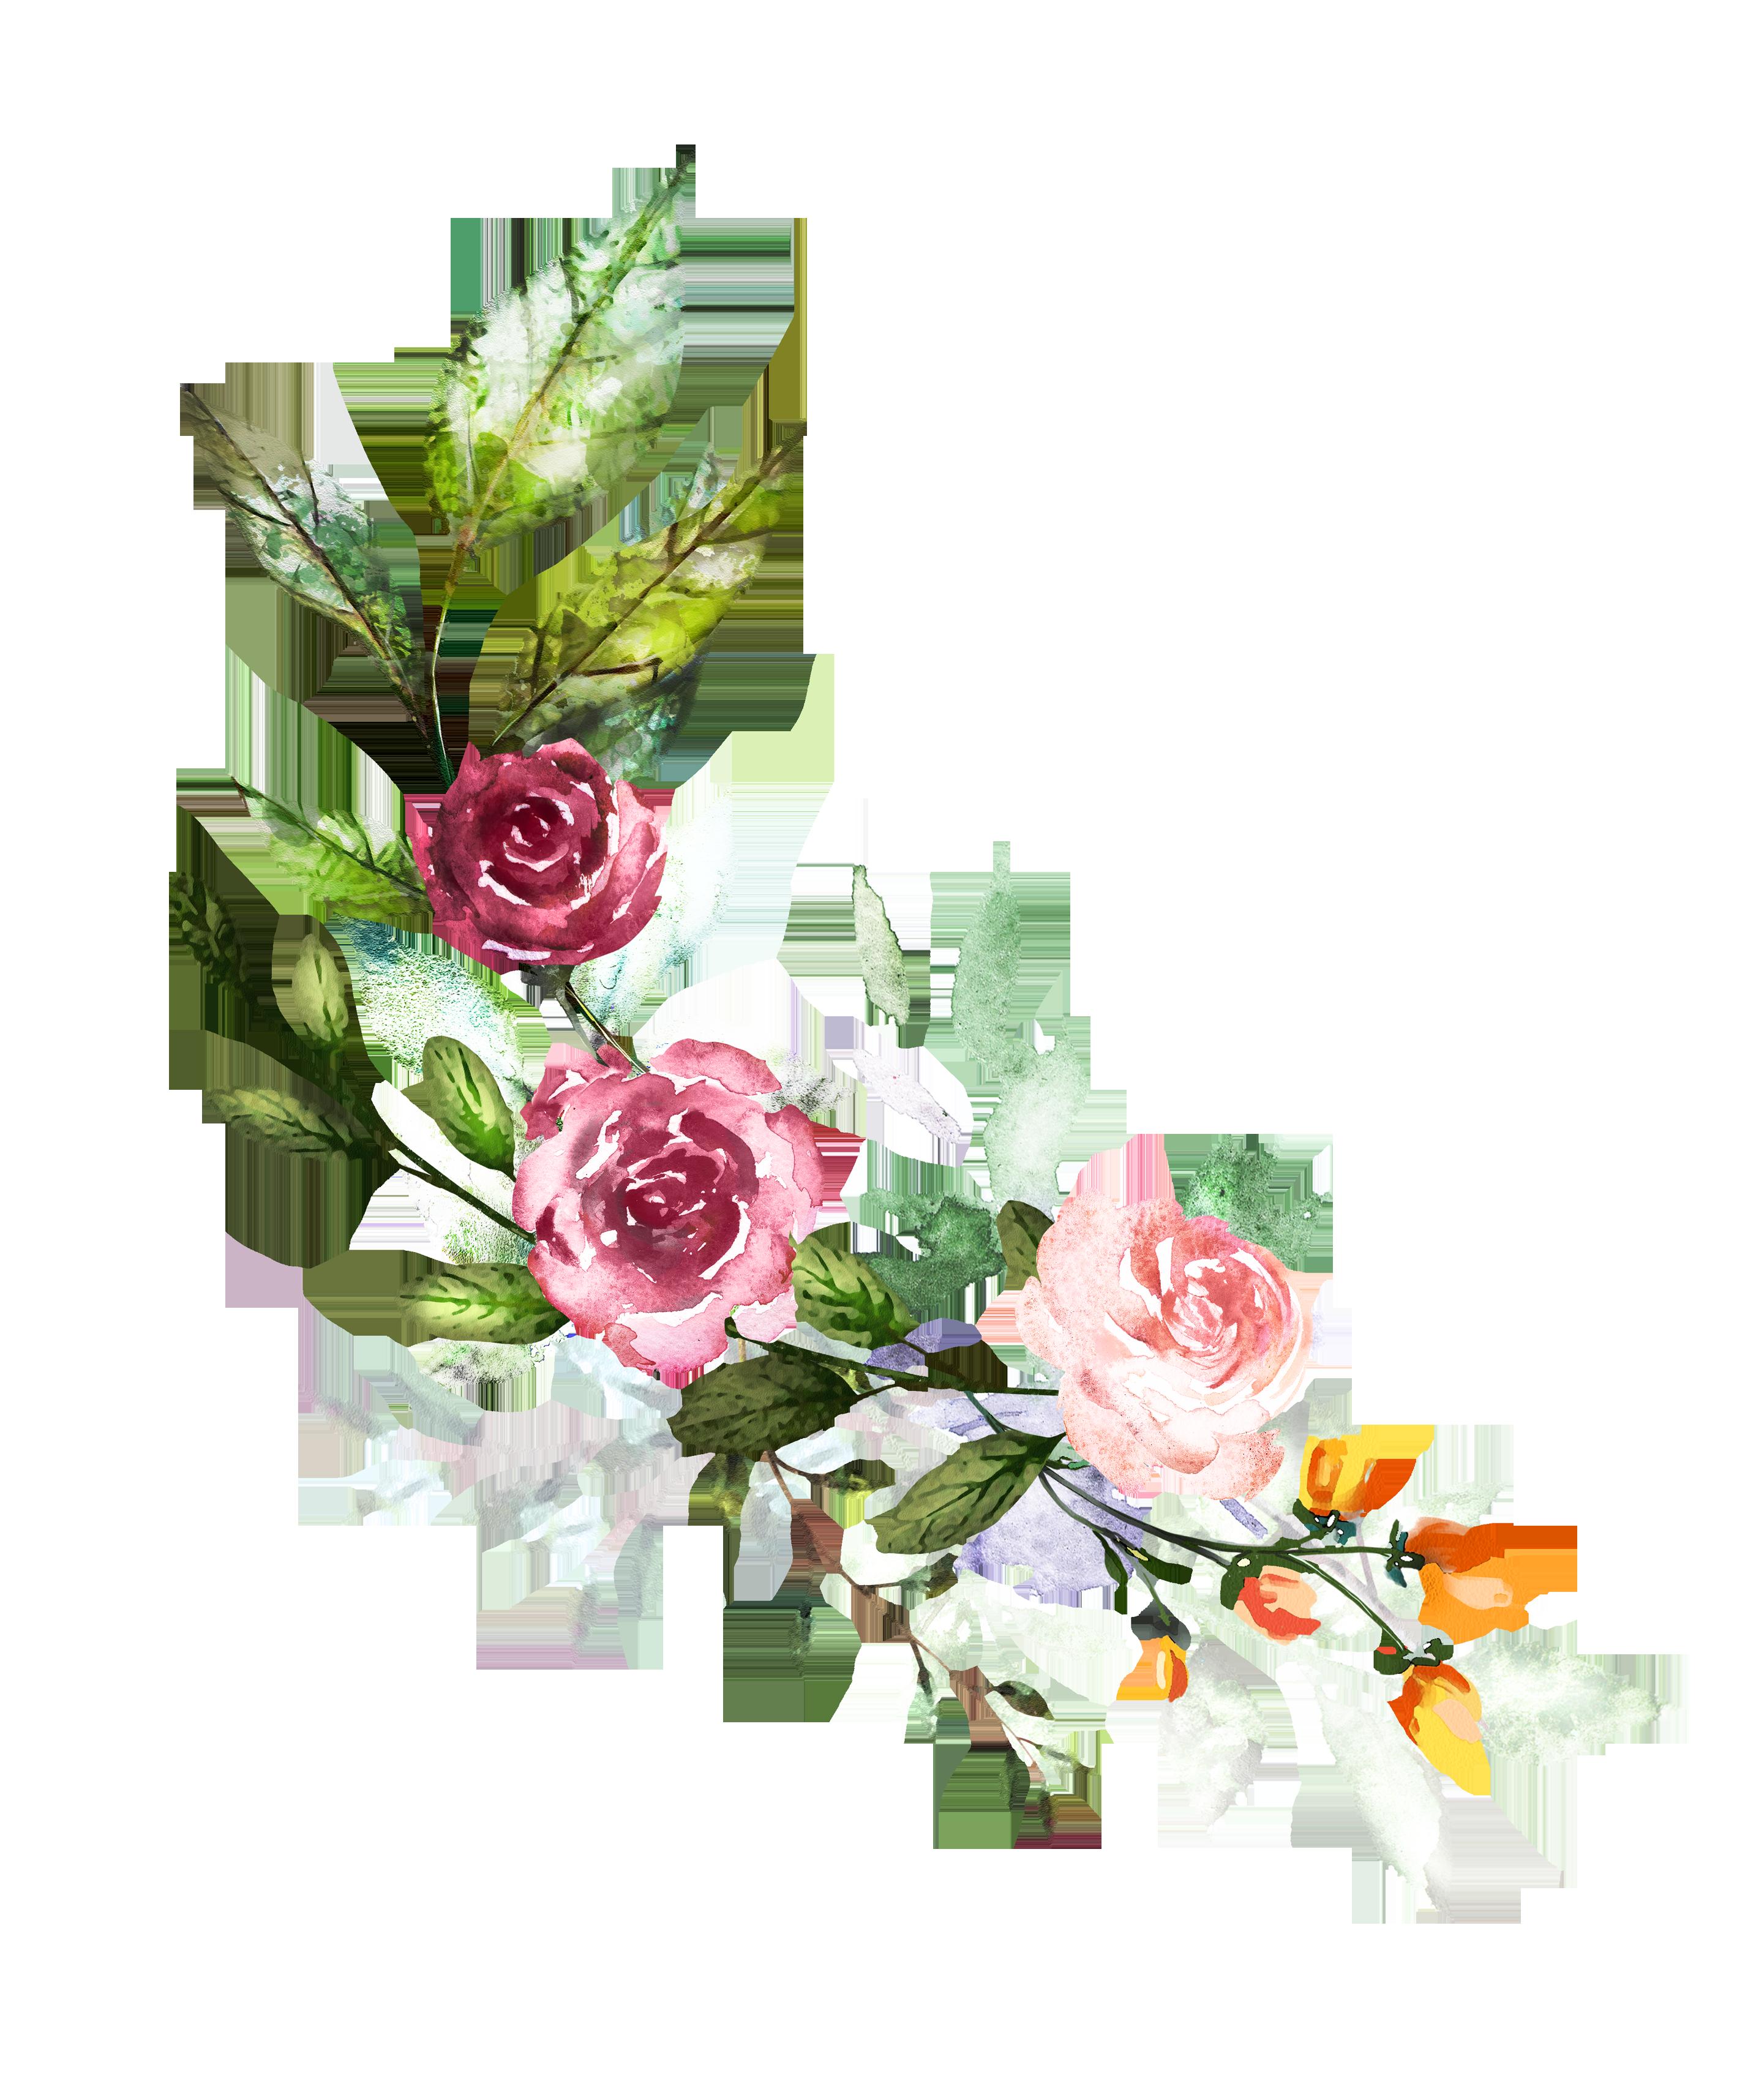 Vector Flores Convites Convites Casamento Casamento Png E: Watercolor Art, Watercolor Pictures E